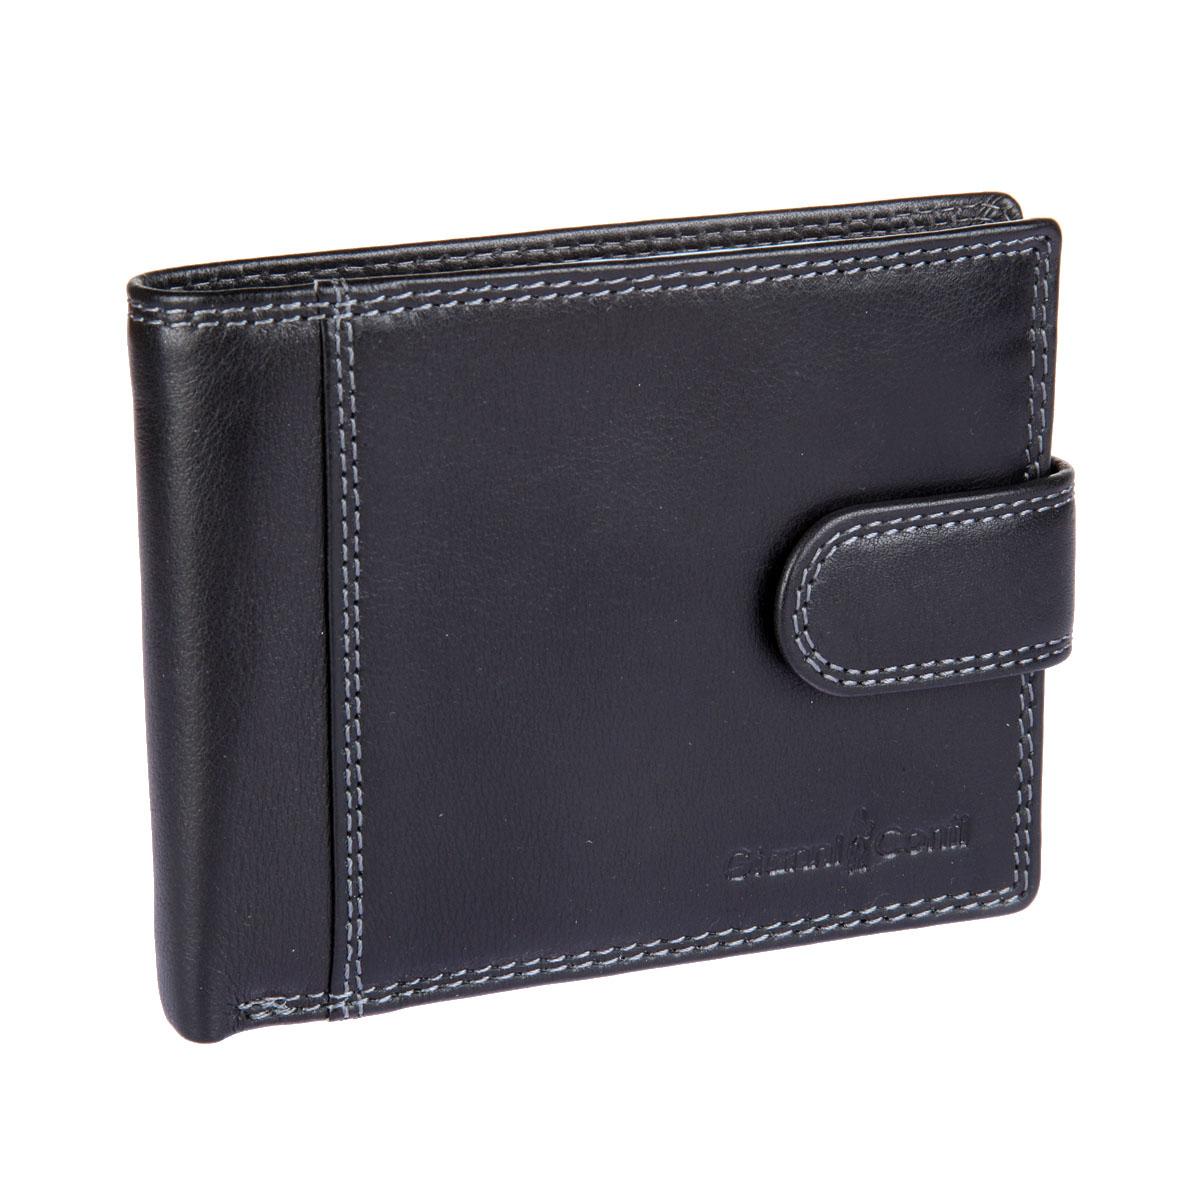 Портмоне мужское Gianni Conti, цвет: черный. 18074611807461 black multiСтильное мужское портмоне Gianni Conti выполнено из натуральной кожи. Изделие раскладывается пополам. Портмоне содержит два отделения для купюр, одно из которых на застежке-молнии, три кармашка для визиток и пластиковых карт, карман для мелочи на кнопке, три кармана для документов и потайной карман. Лицевая сторона модели оформлена тиснением в виде названия бренда производителя. Закрывается изделие на хлястик с кнопкой. Портмоне упаковано в фирменную картонную коробку. Оригинальное портмоне подчеркнет вашу индивидуальность и изысканный вкус, а также станет замечательным подарком человеку, ценящему качественные и практичные вещи.